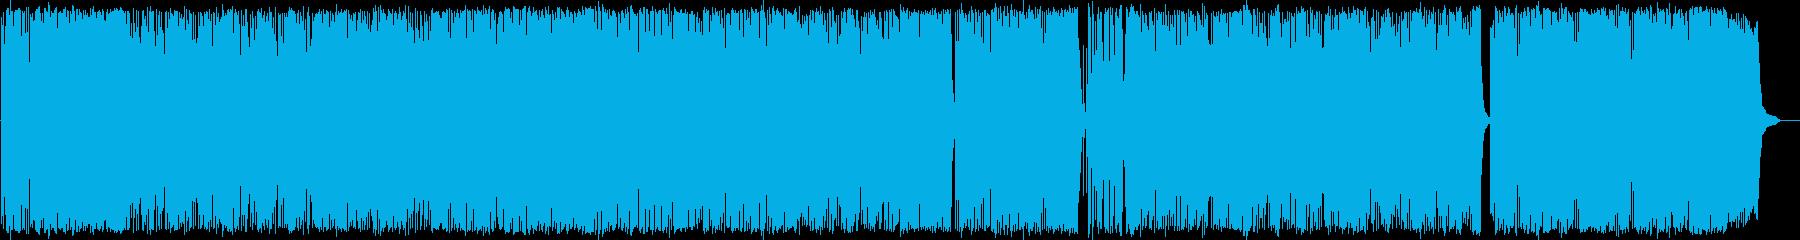 おしゃれで明るく爽やかなエレクトーンの再生済みの波形